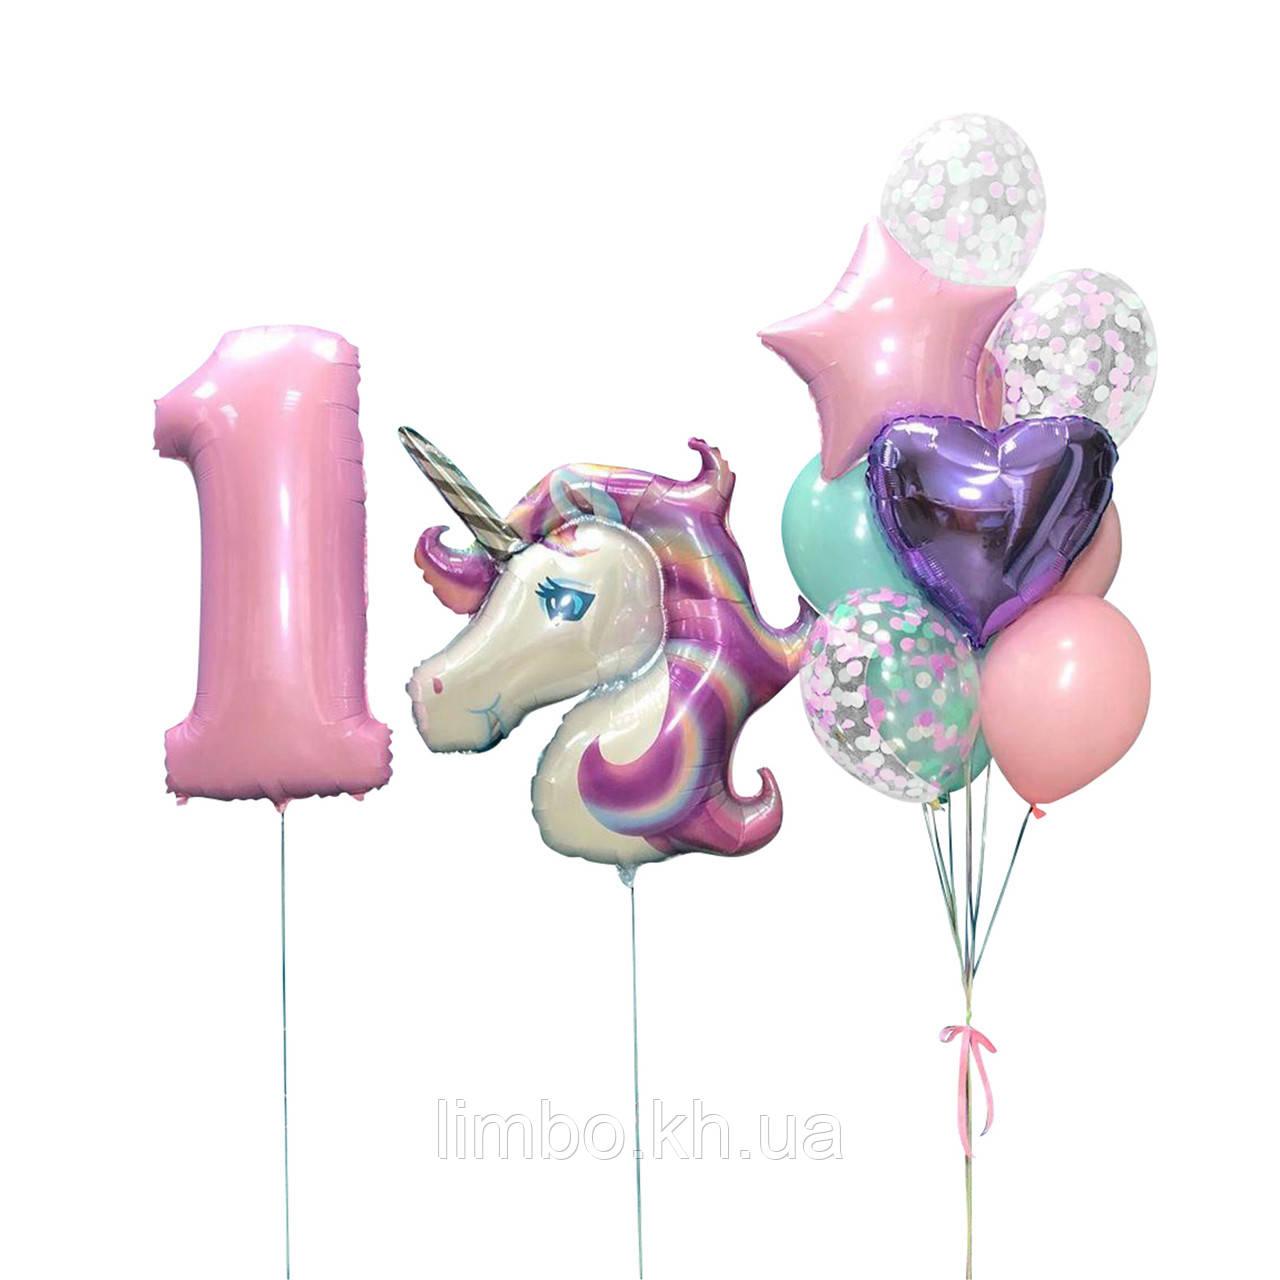 Шарики на день рождения, шарик цифра 1 и фольгированная фигура Единорог